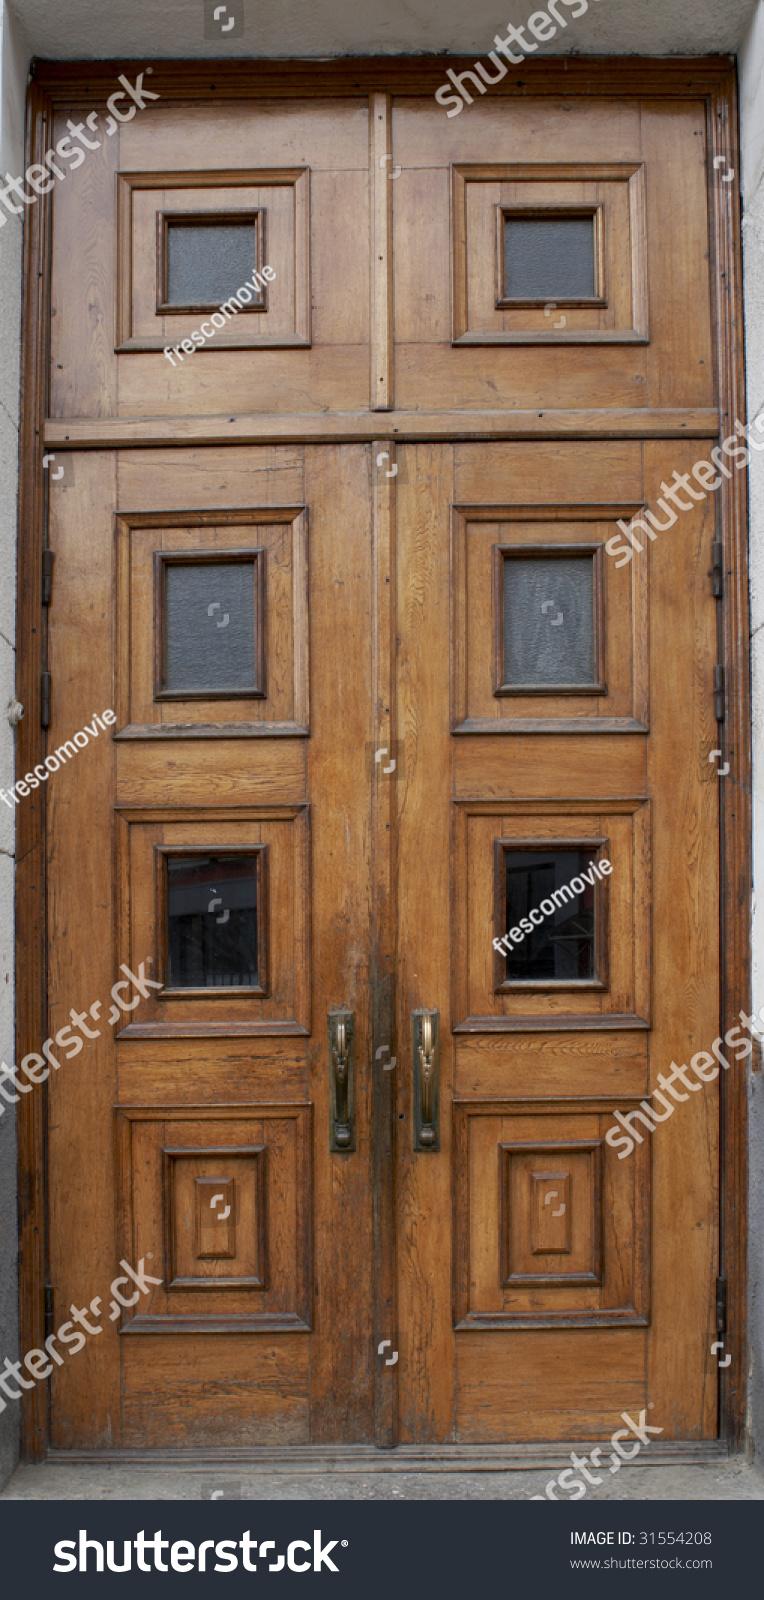 Beautiful wooden door stock photo 31554208 shutterstock for Beautiful wooden doors picture collection